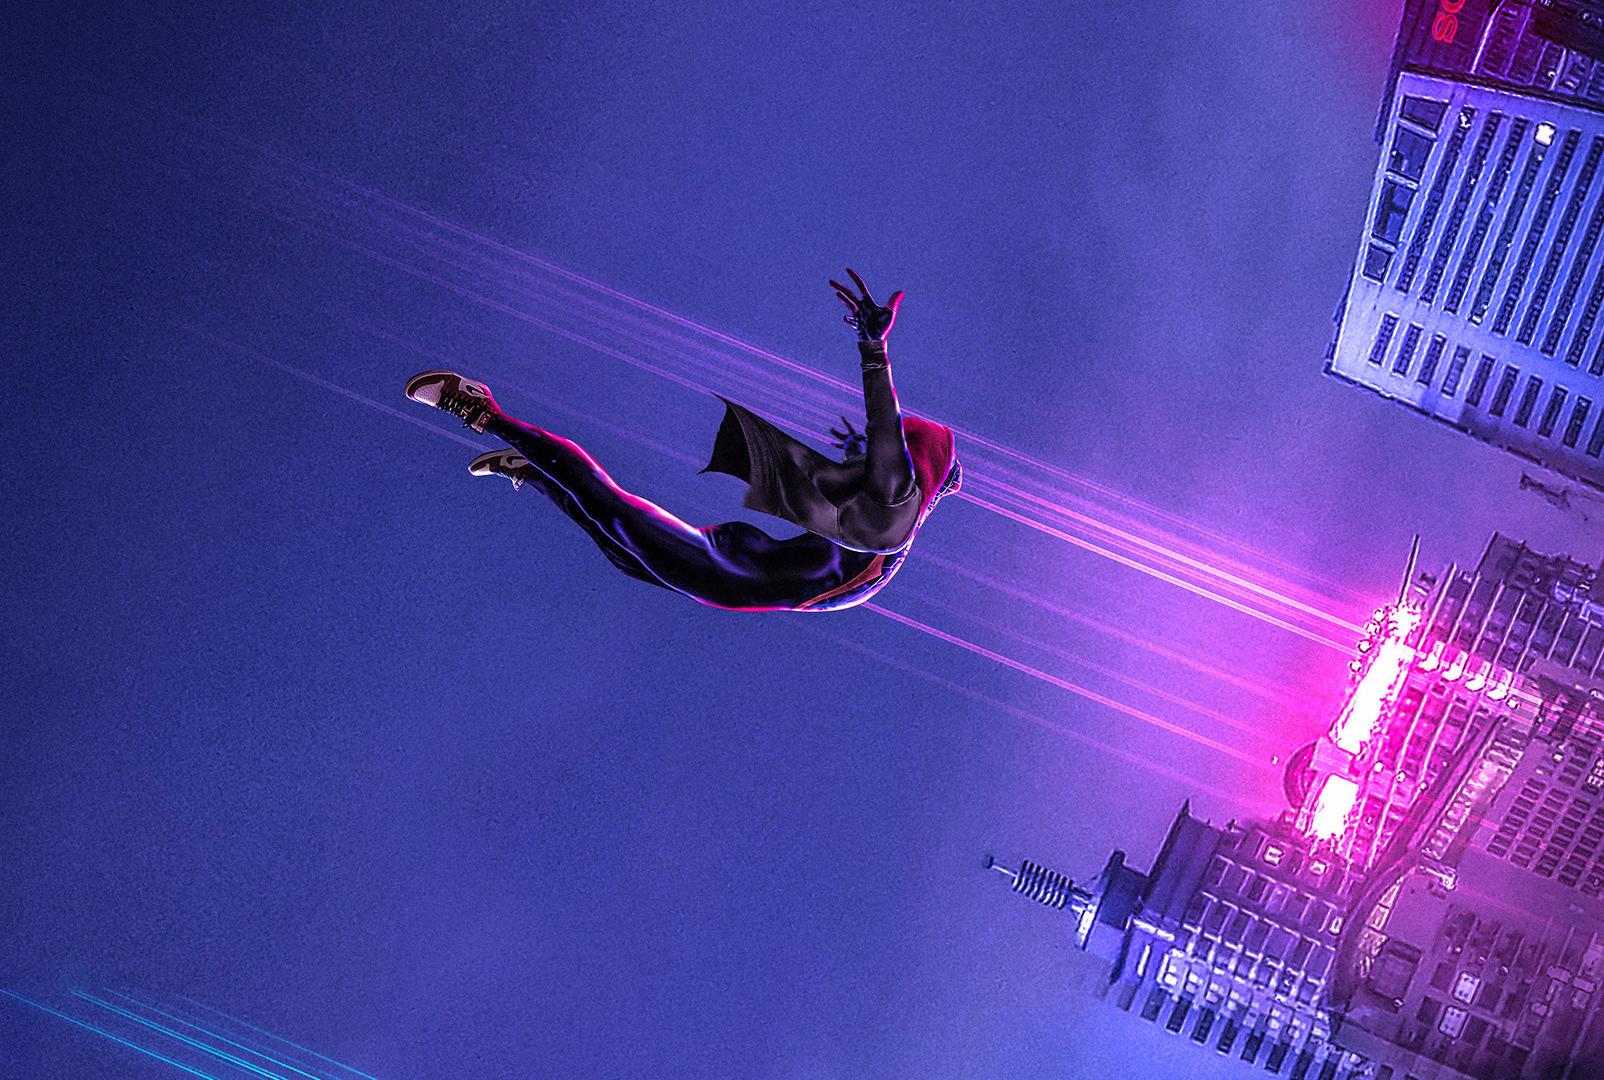 Download 1920x1080 wallpaper spider dive, movie, artwork ...